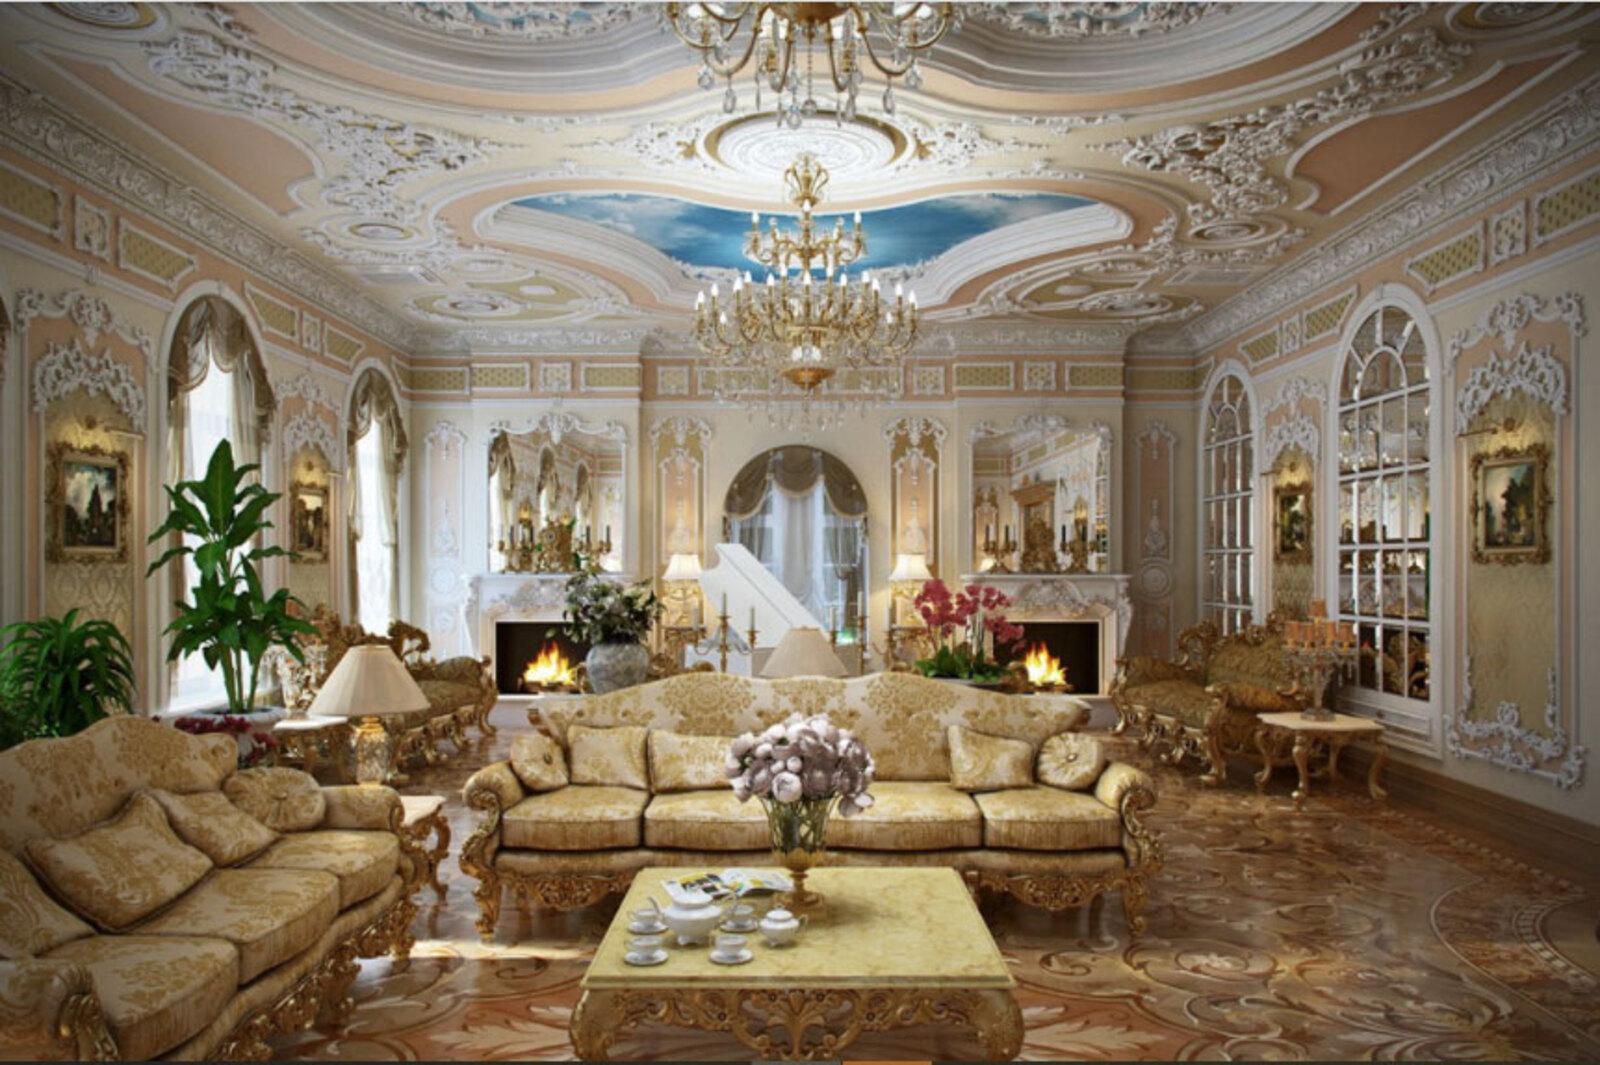 Phong cách nội thất Rococo. Dành cho tín đồ thích sang trọng, quí phái